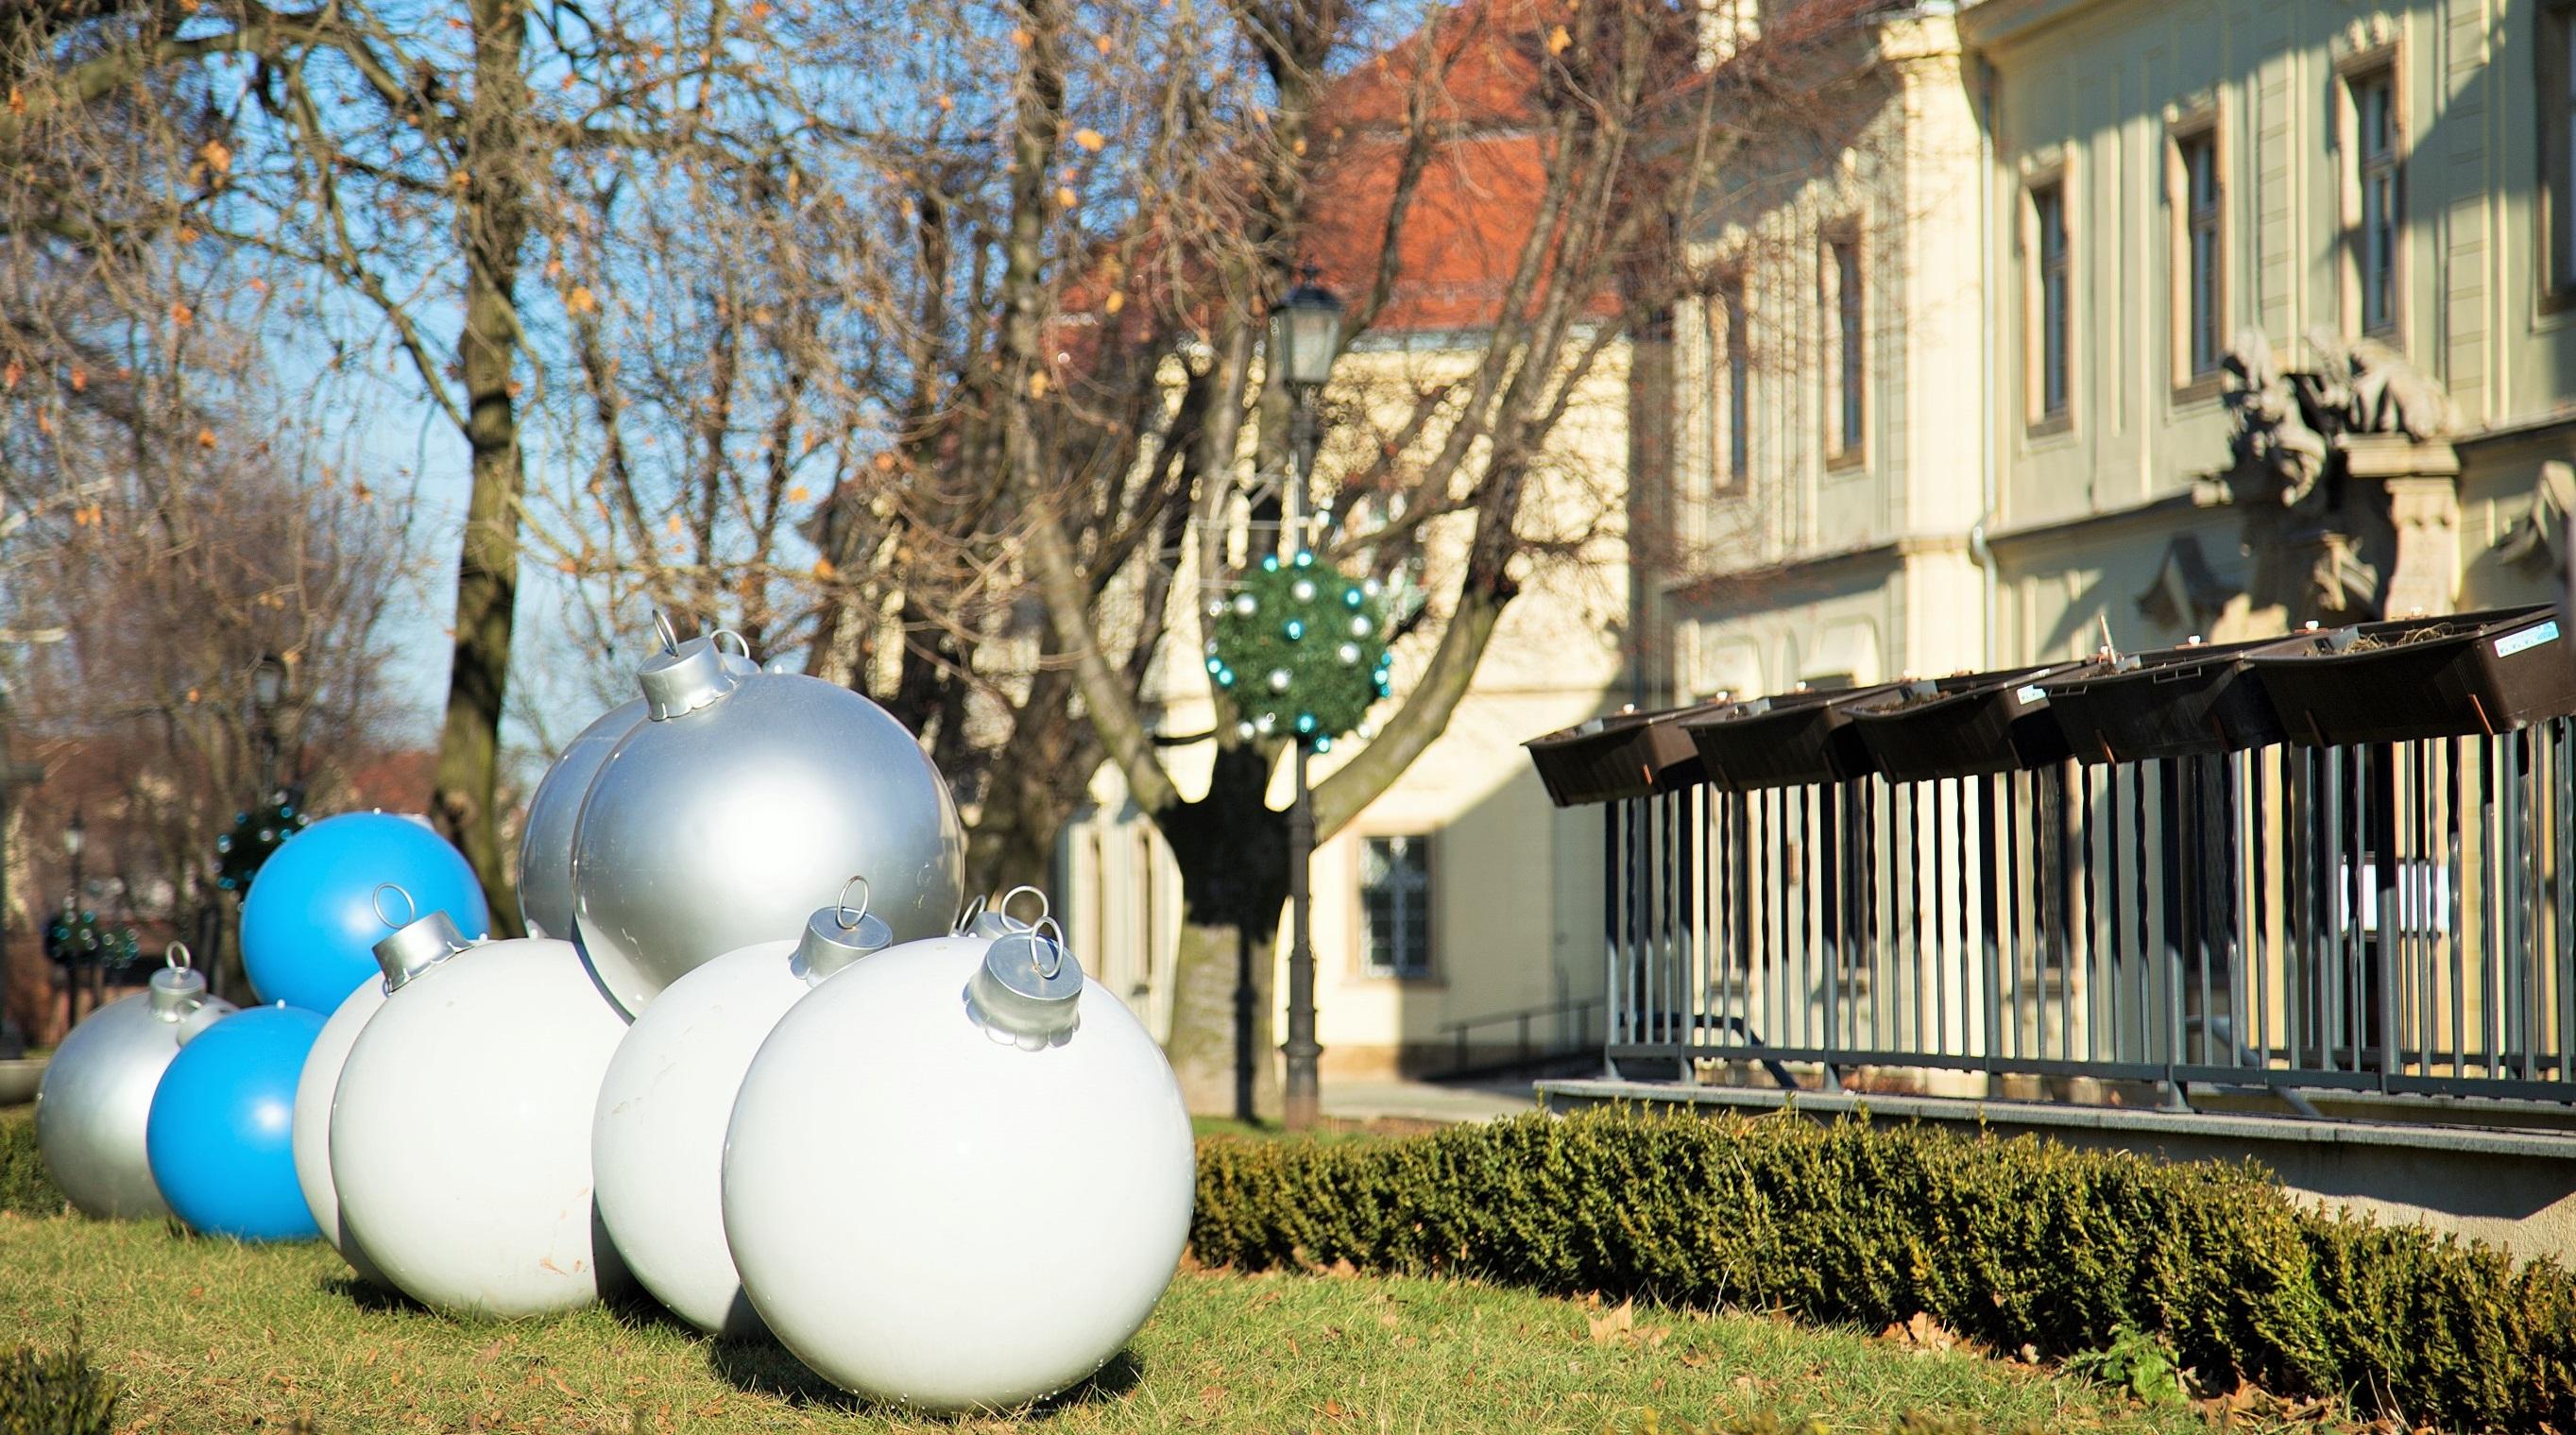 Wielkie bombki w małym mieście